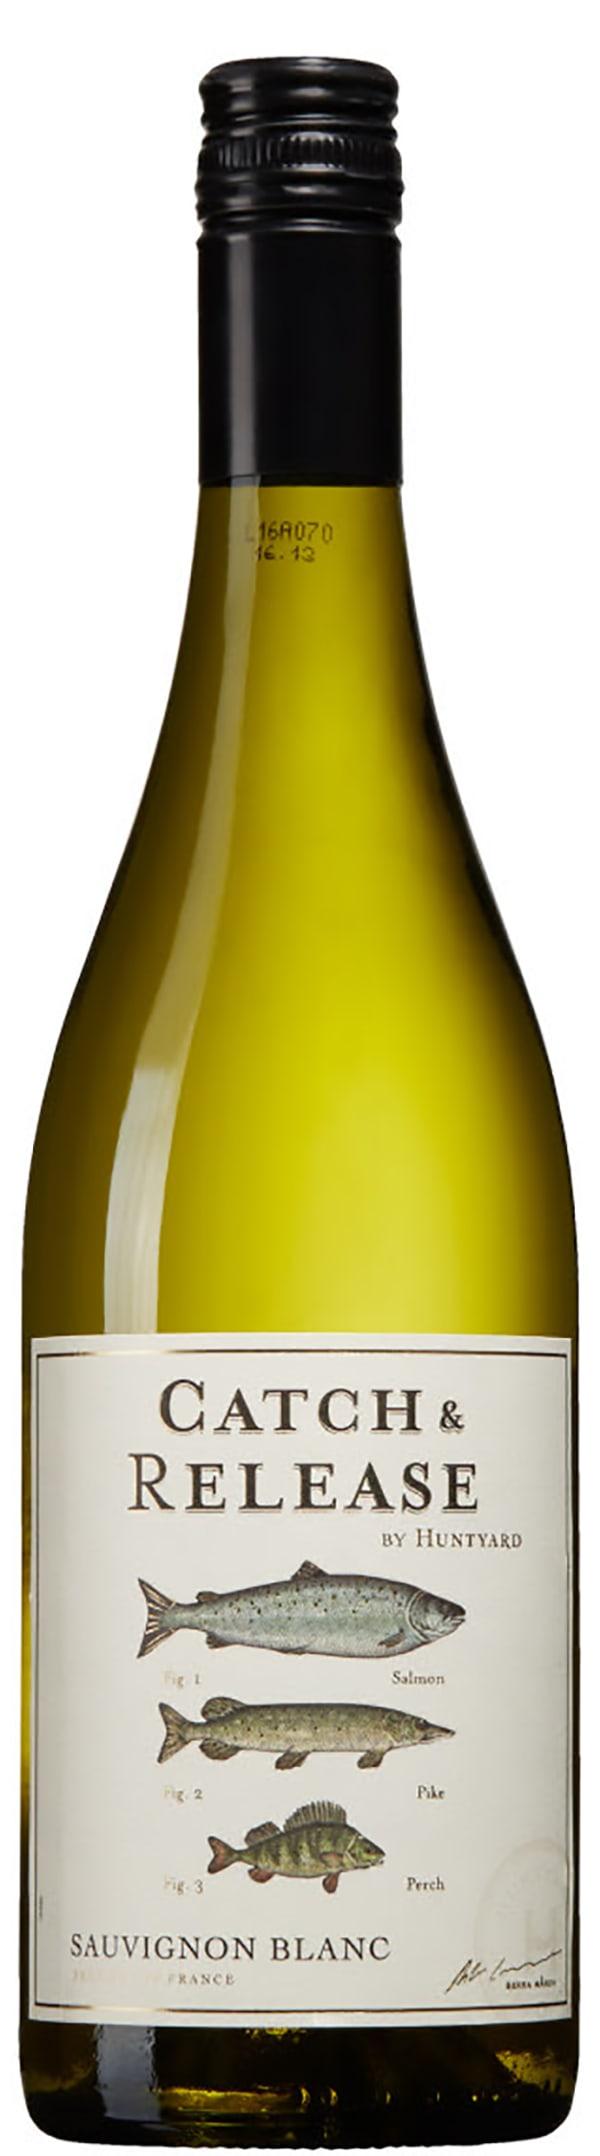 Catch & Release Sauvignon Blanc 2017